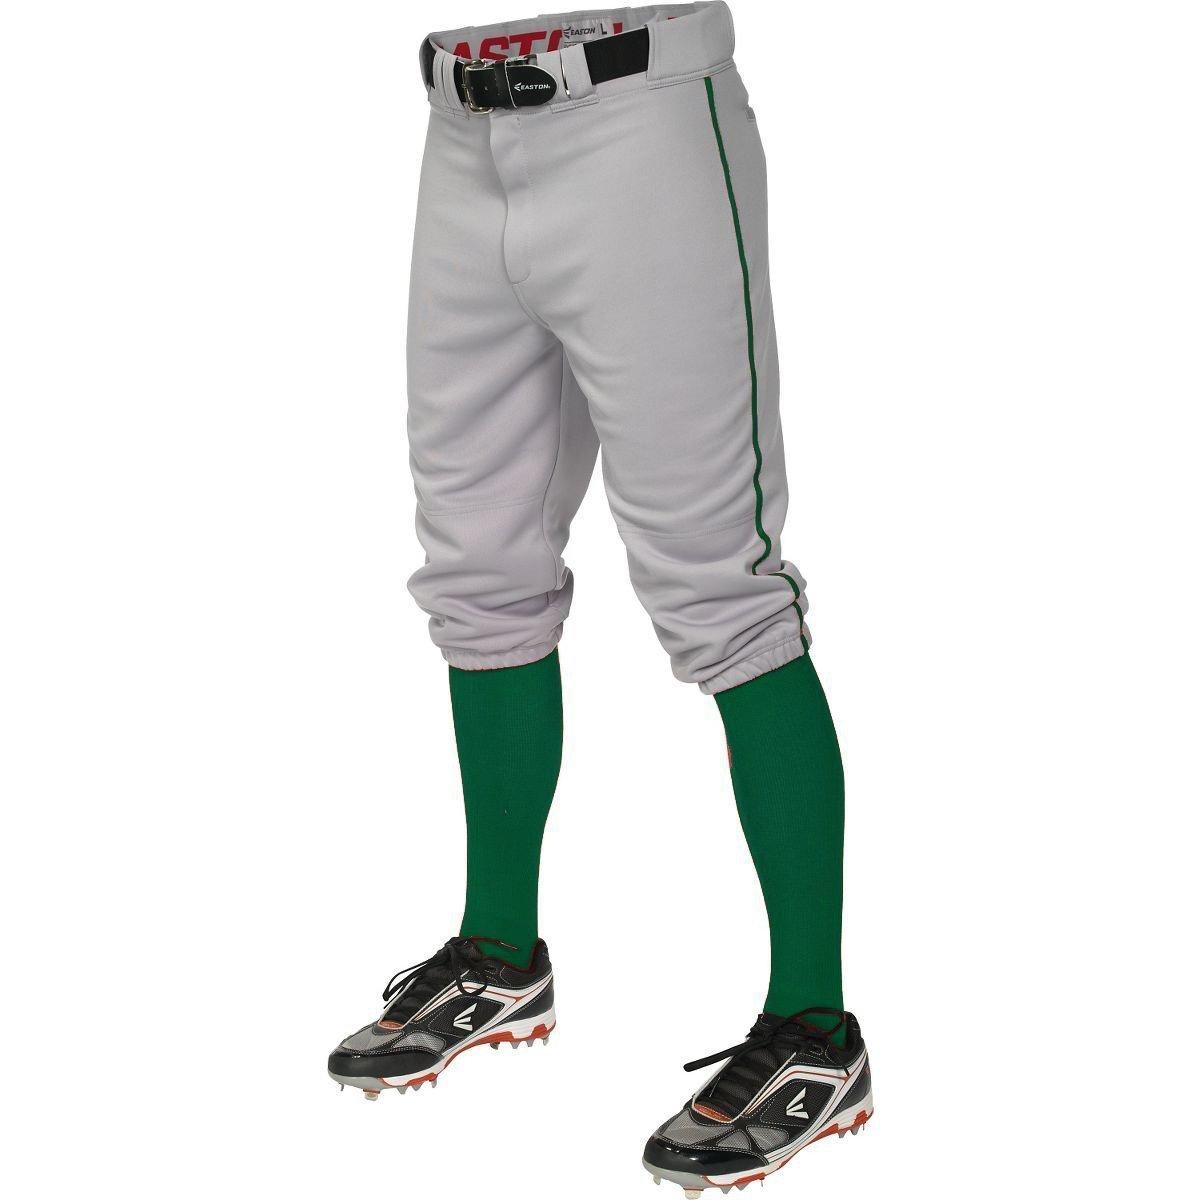 イーストンPro + Knickerユース野球パンツ – グレーフォレスト B0789W5S72Gray Forest Forest M Youth